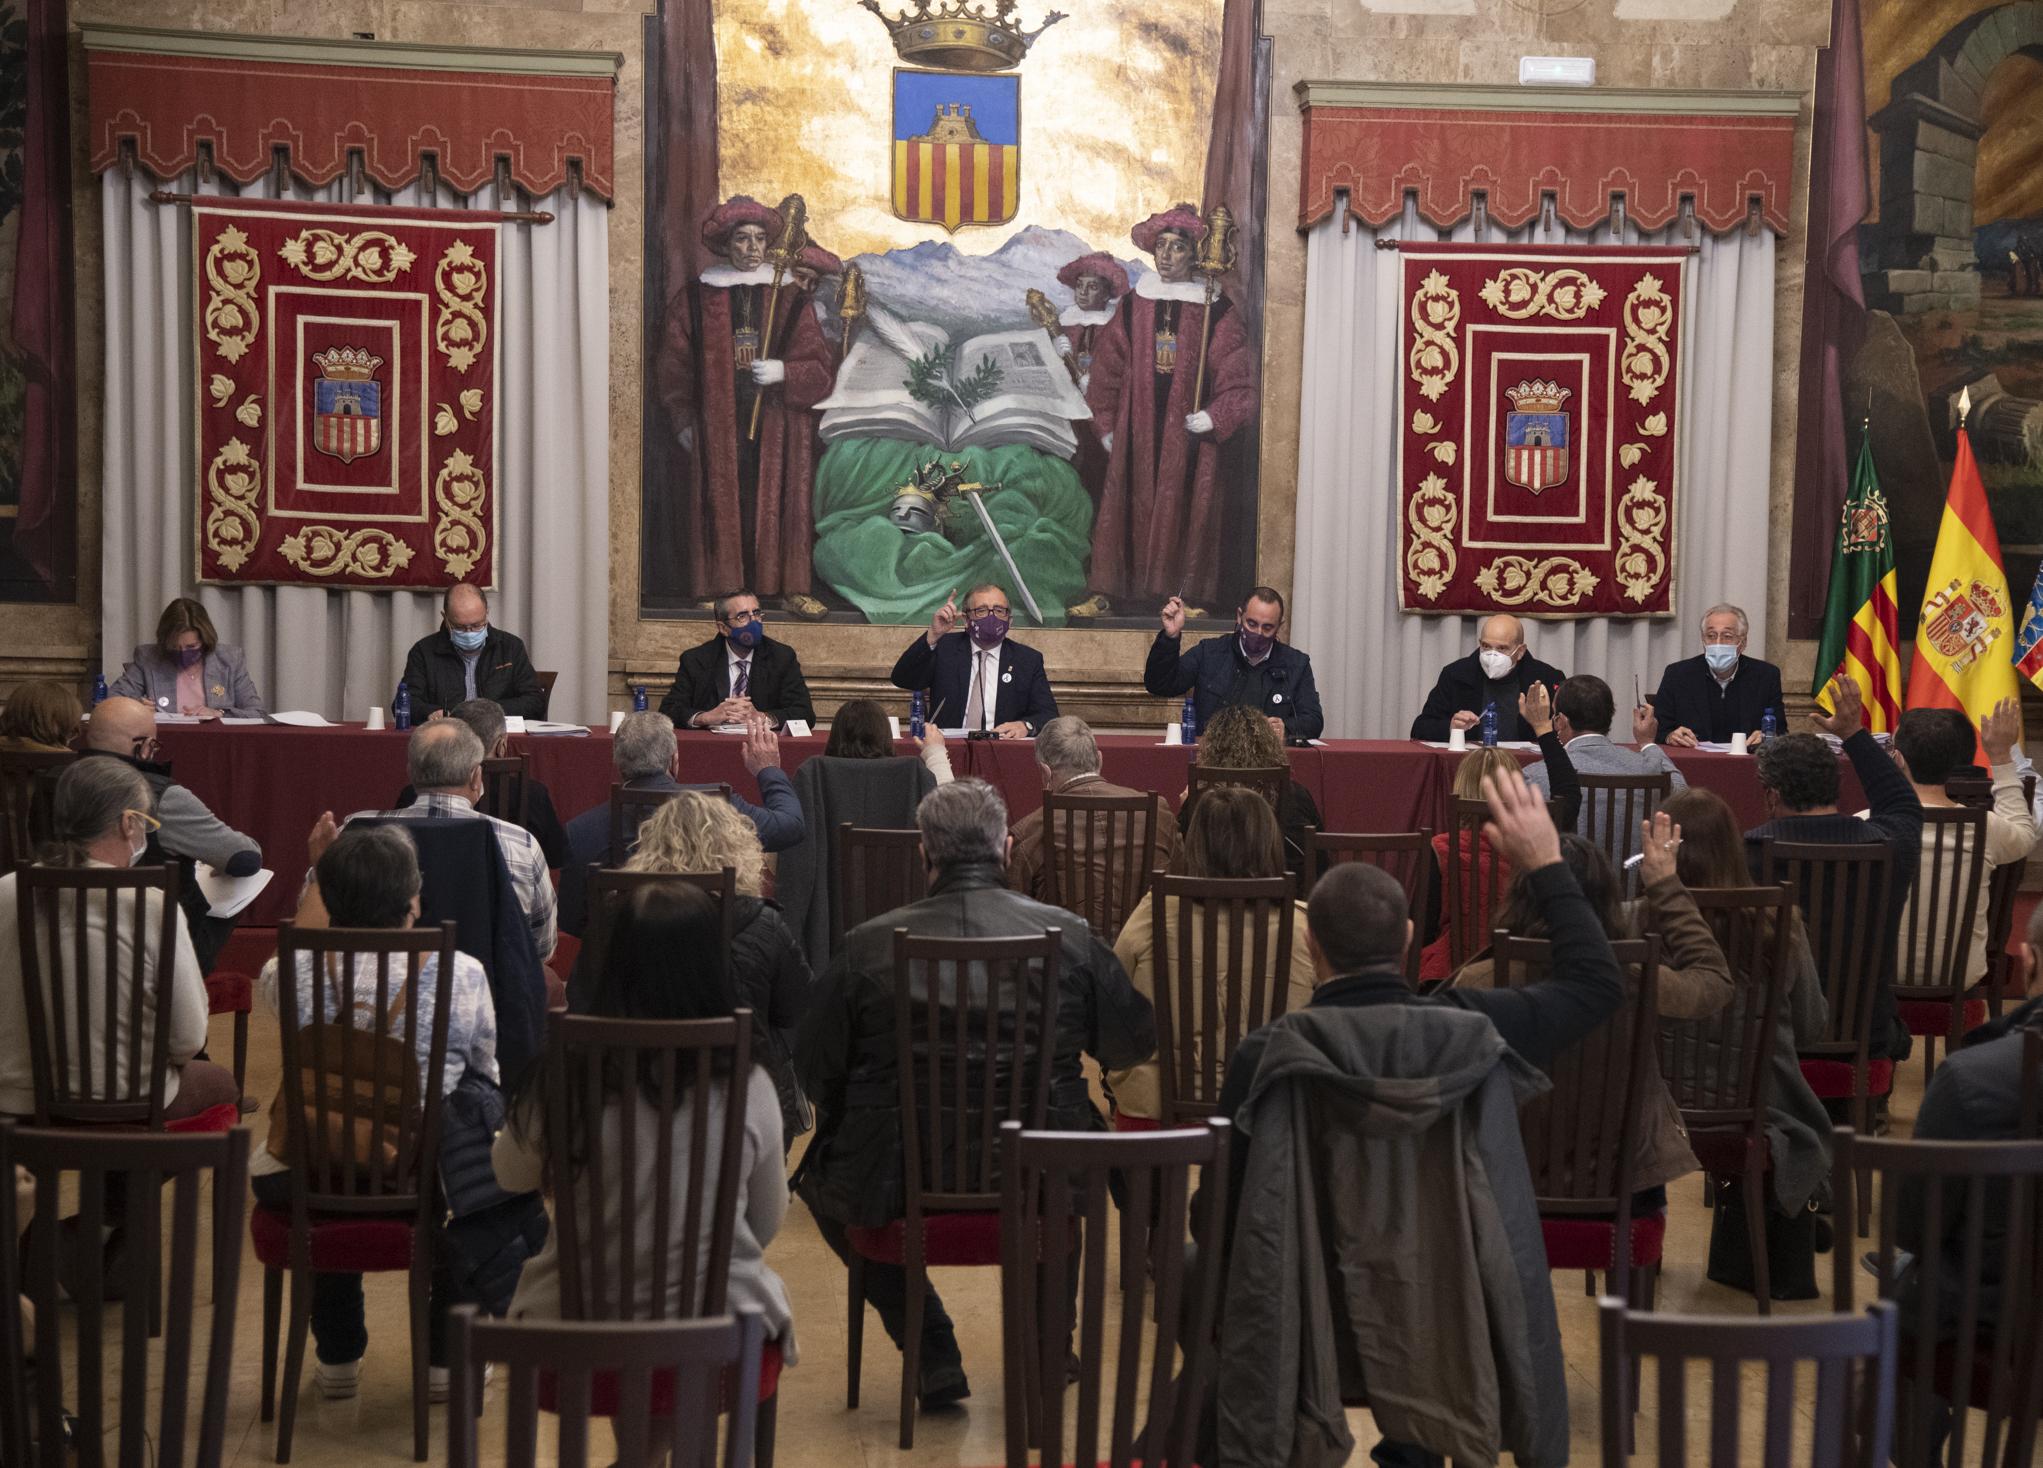 El Consorcio Provincial de Bomberos de Castellón supera por primera vez los 20 millones de presupuesto y aprueba la mejora de la plantilla con 19 nuevas plazas